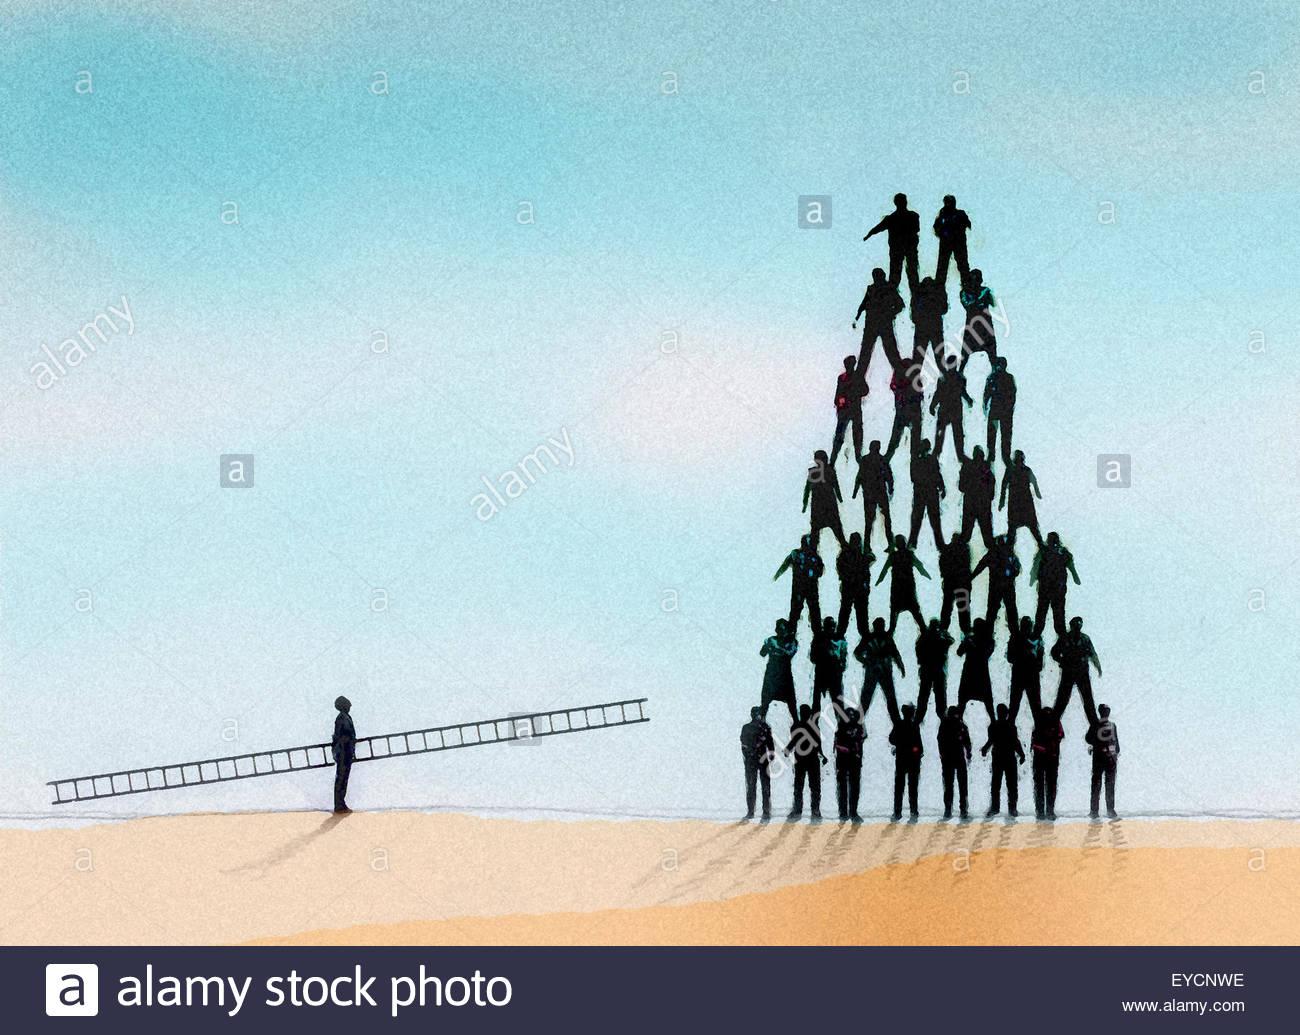 Uomo che porta scala alta cercando fino alla cima di una piramide umana Foto Stock